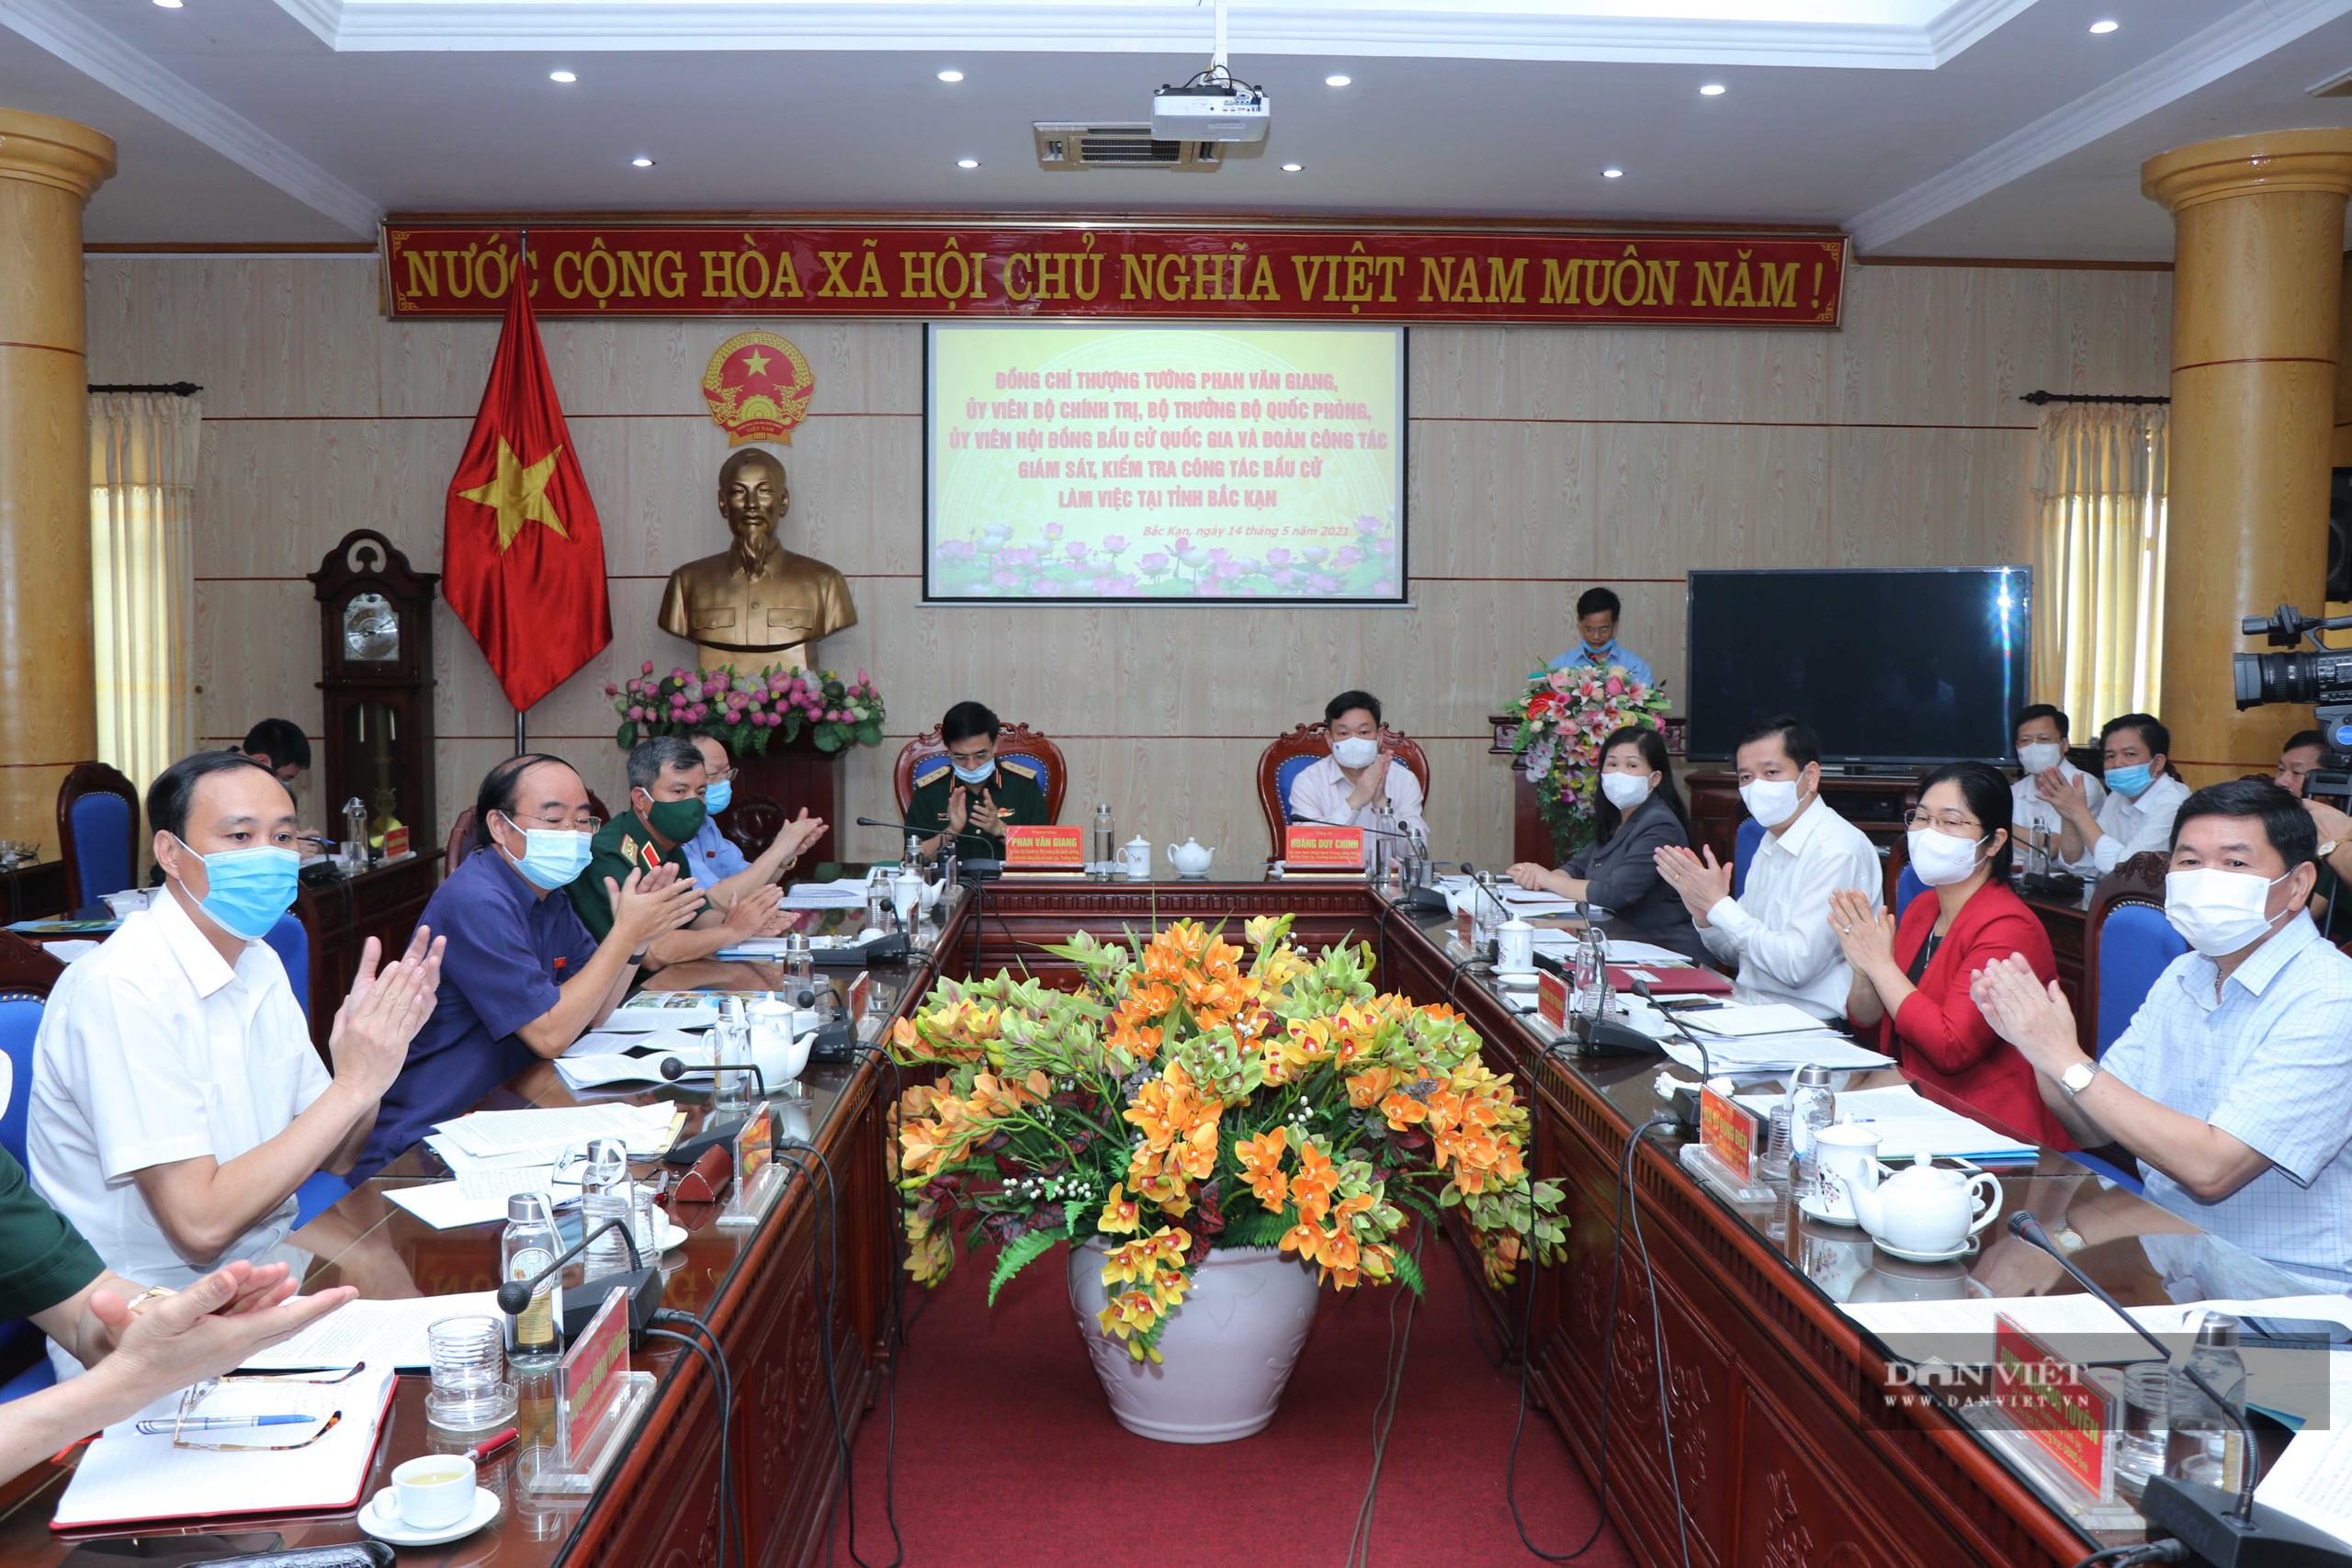 Bắc Kạn: Bộ trưởng Bộ Quốc phòng kiểm tra công tác bầu cử - Ảnh 1.